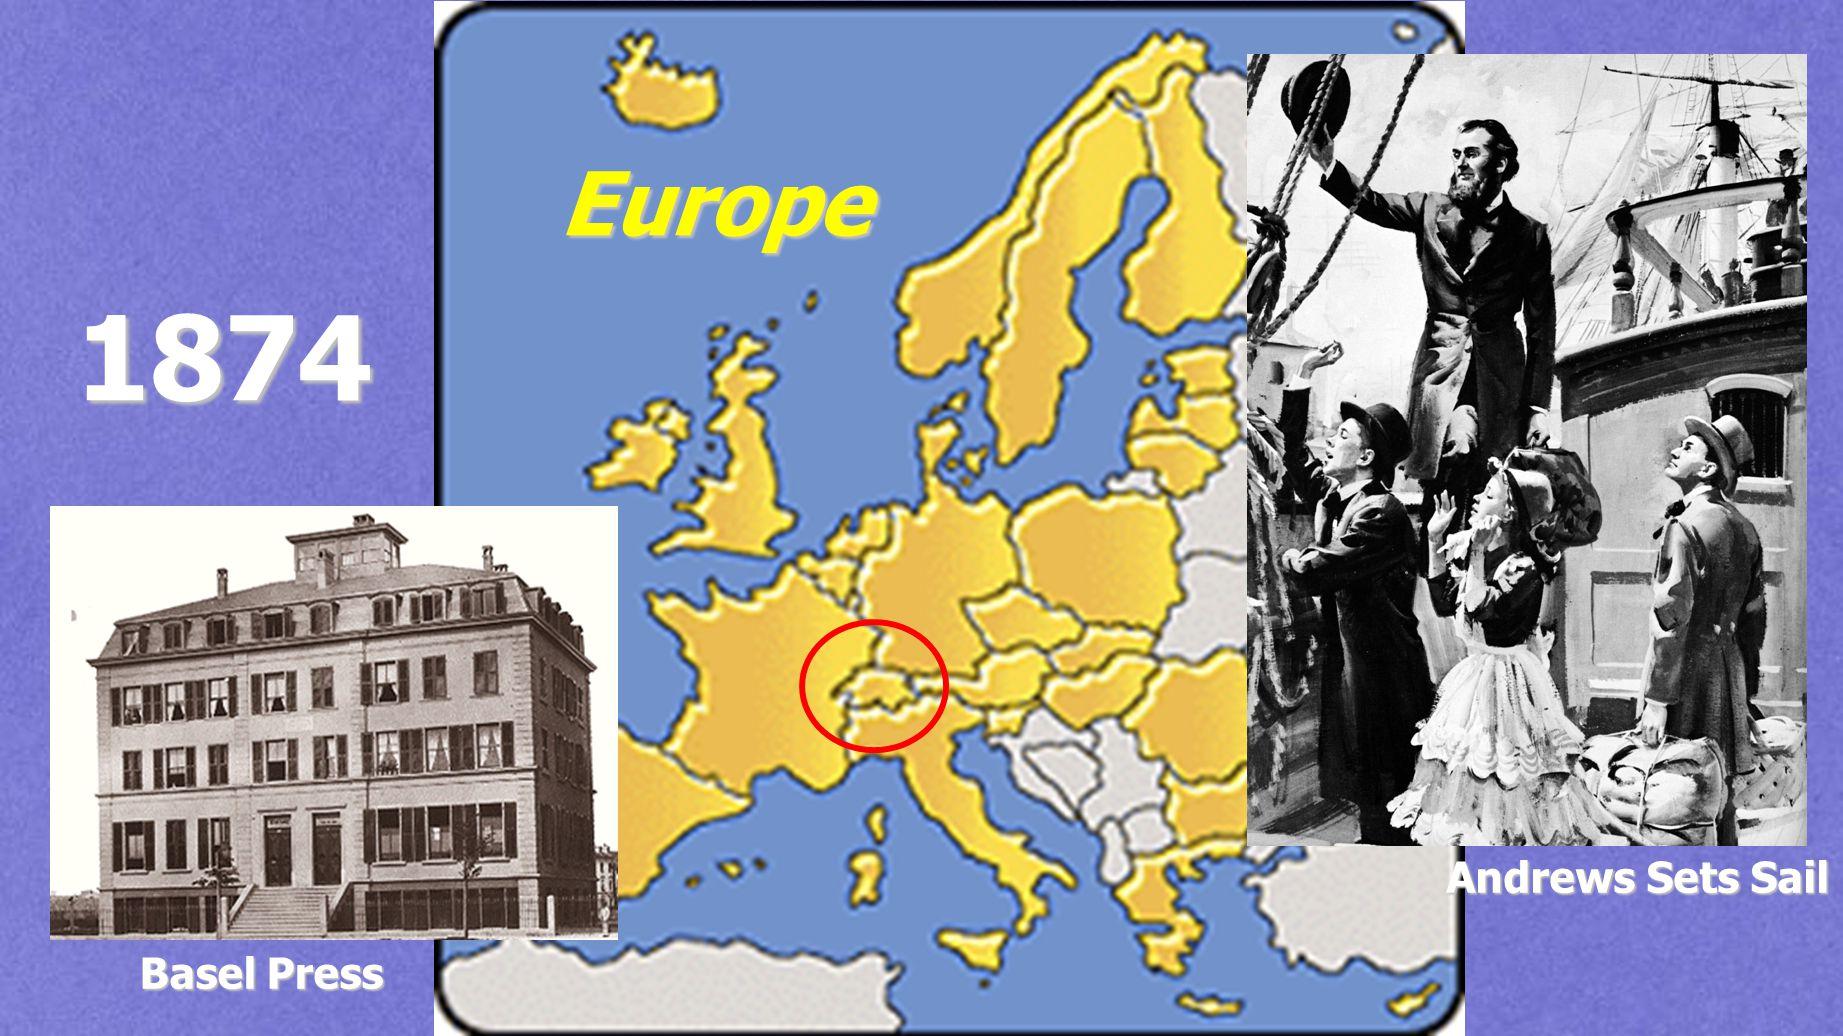 Europe Andrews Sets Sail Basel Press 1874